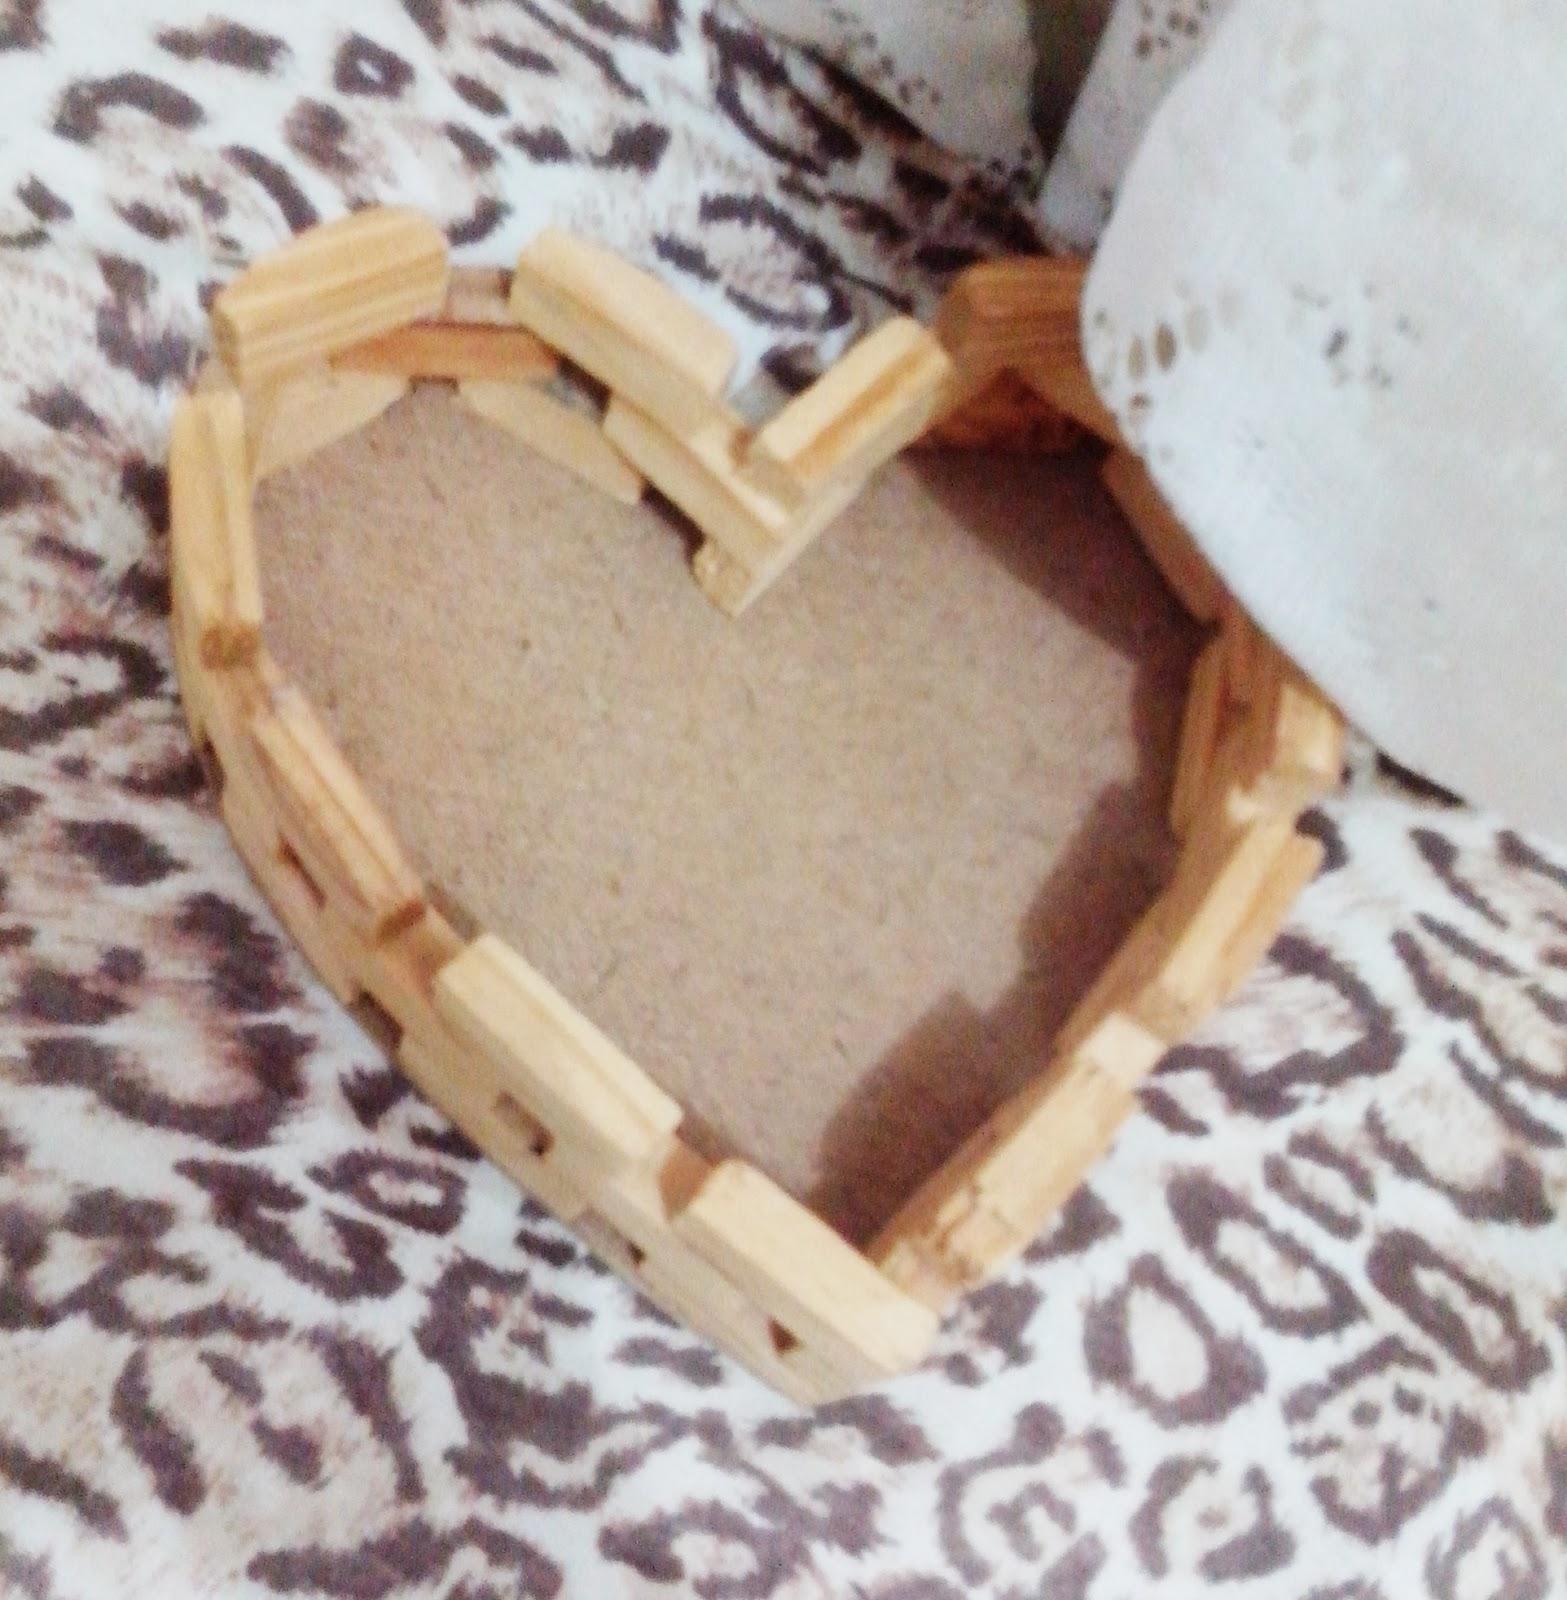 de coração que pode ser usada para várias coisas além de ser linda  #8F613C 1567x1600